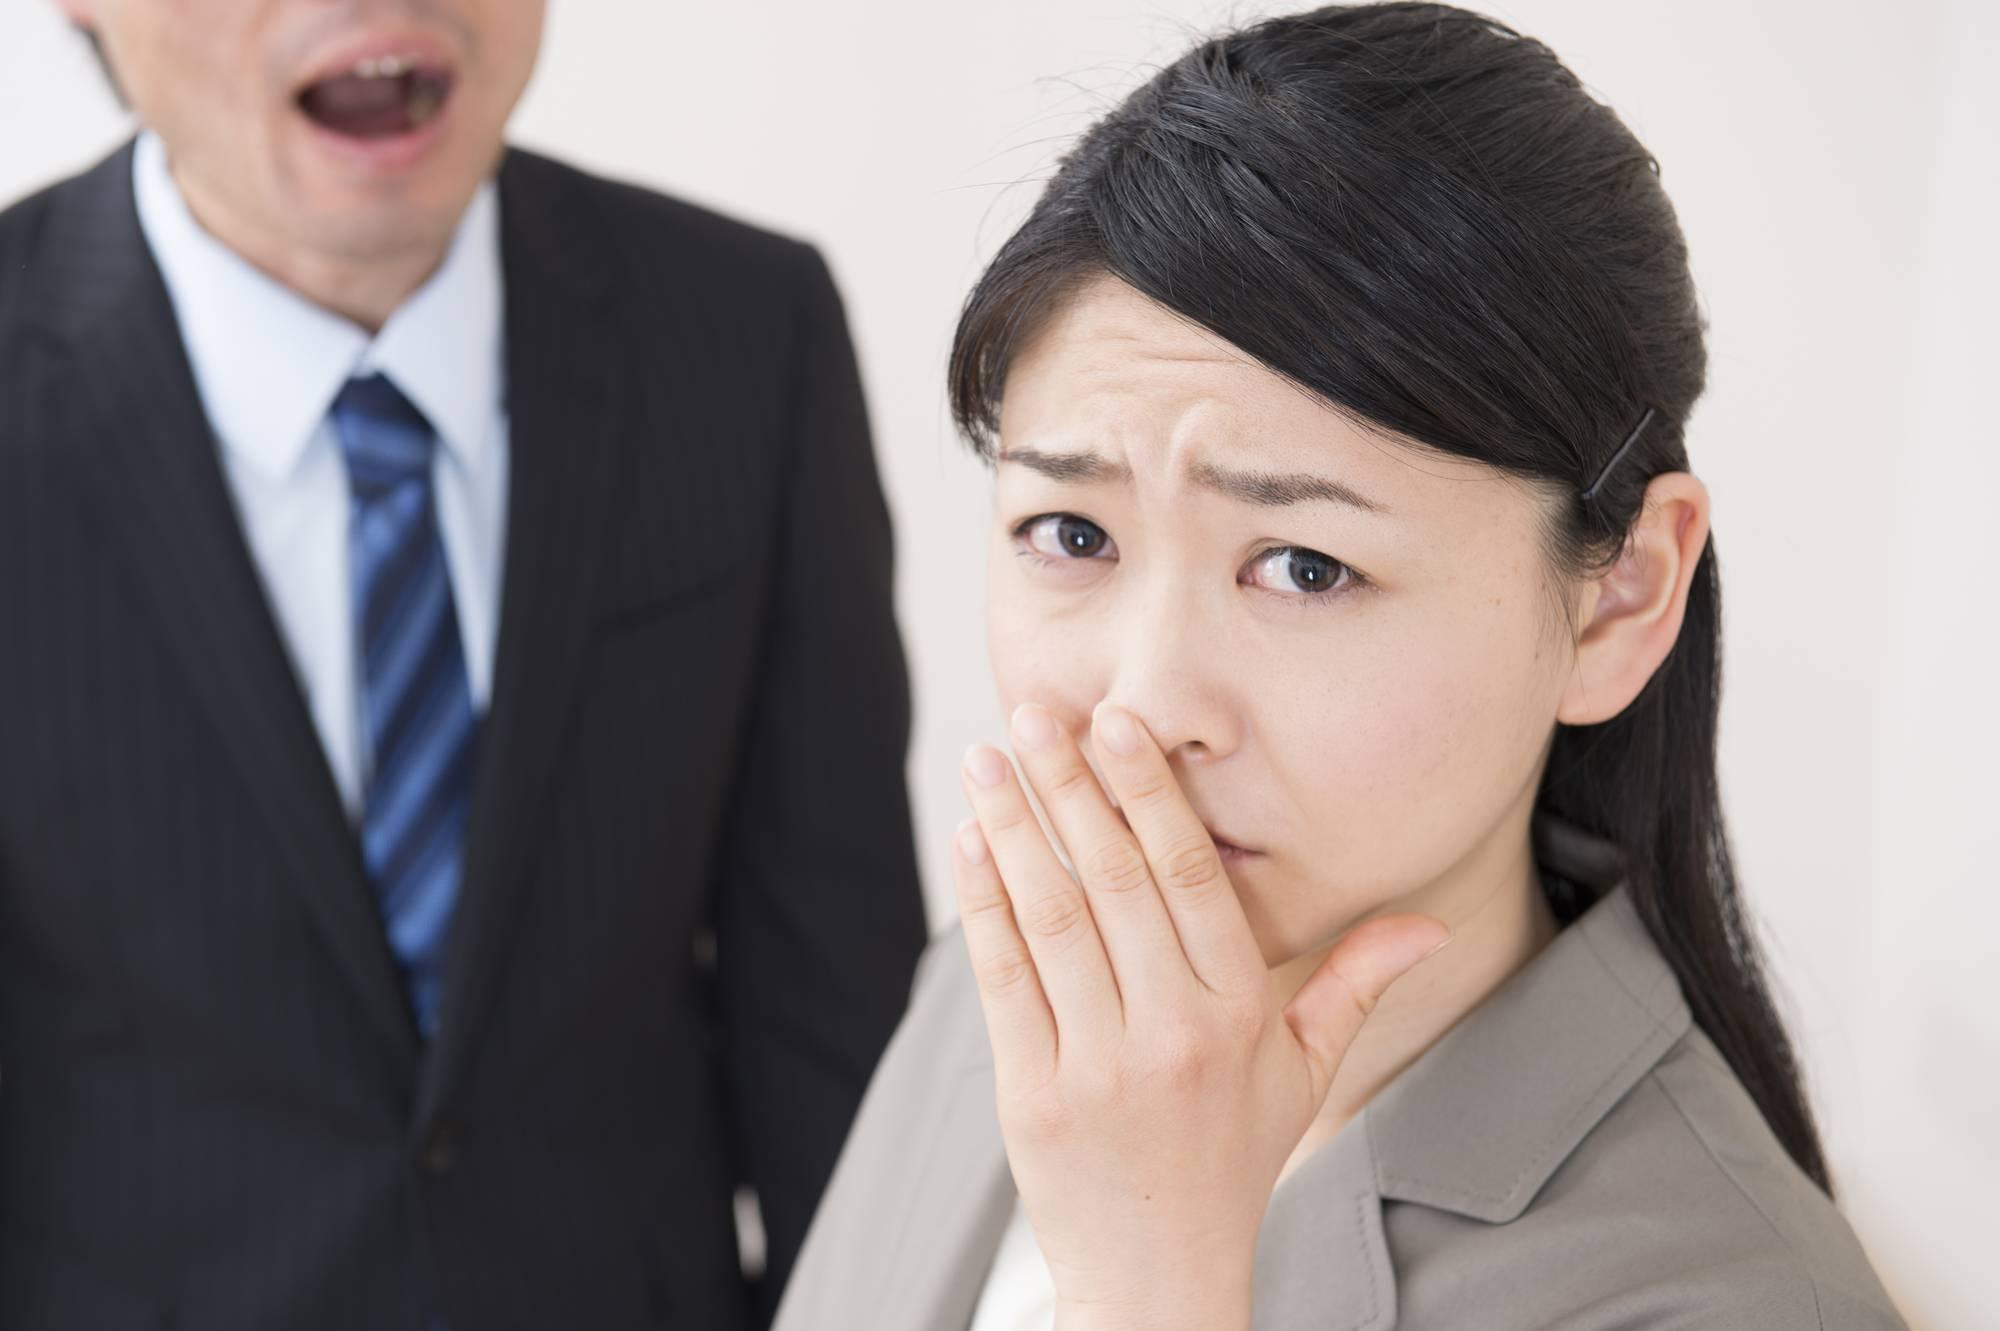 口臭は病気の可能性?